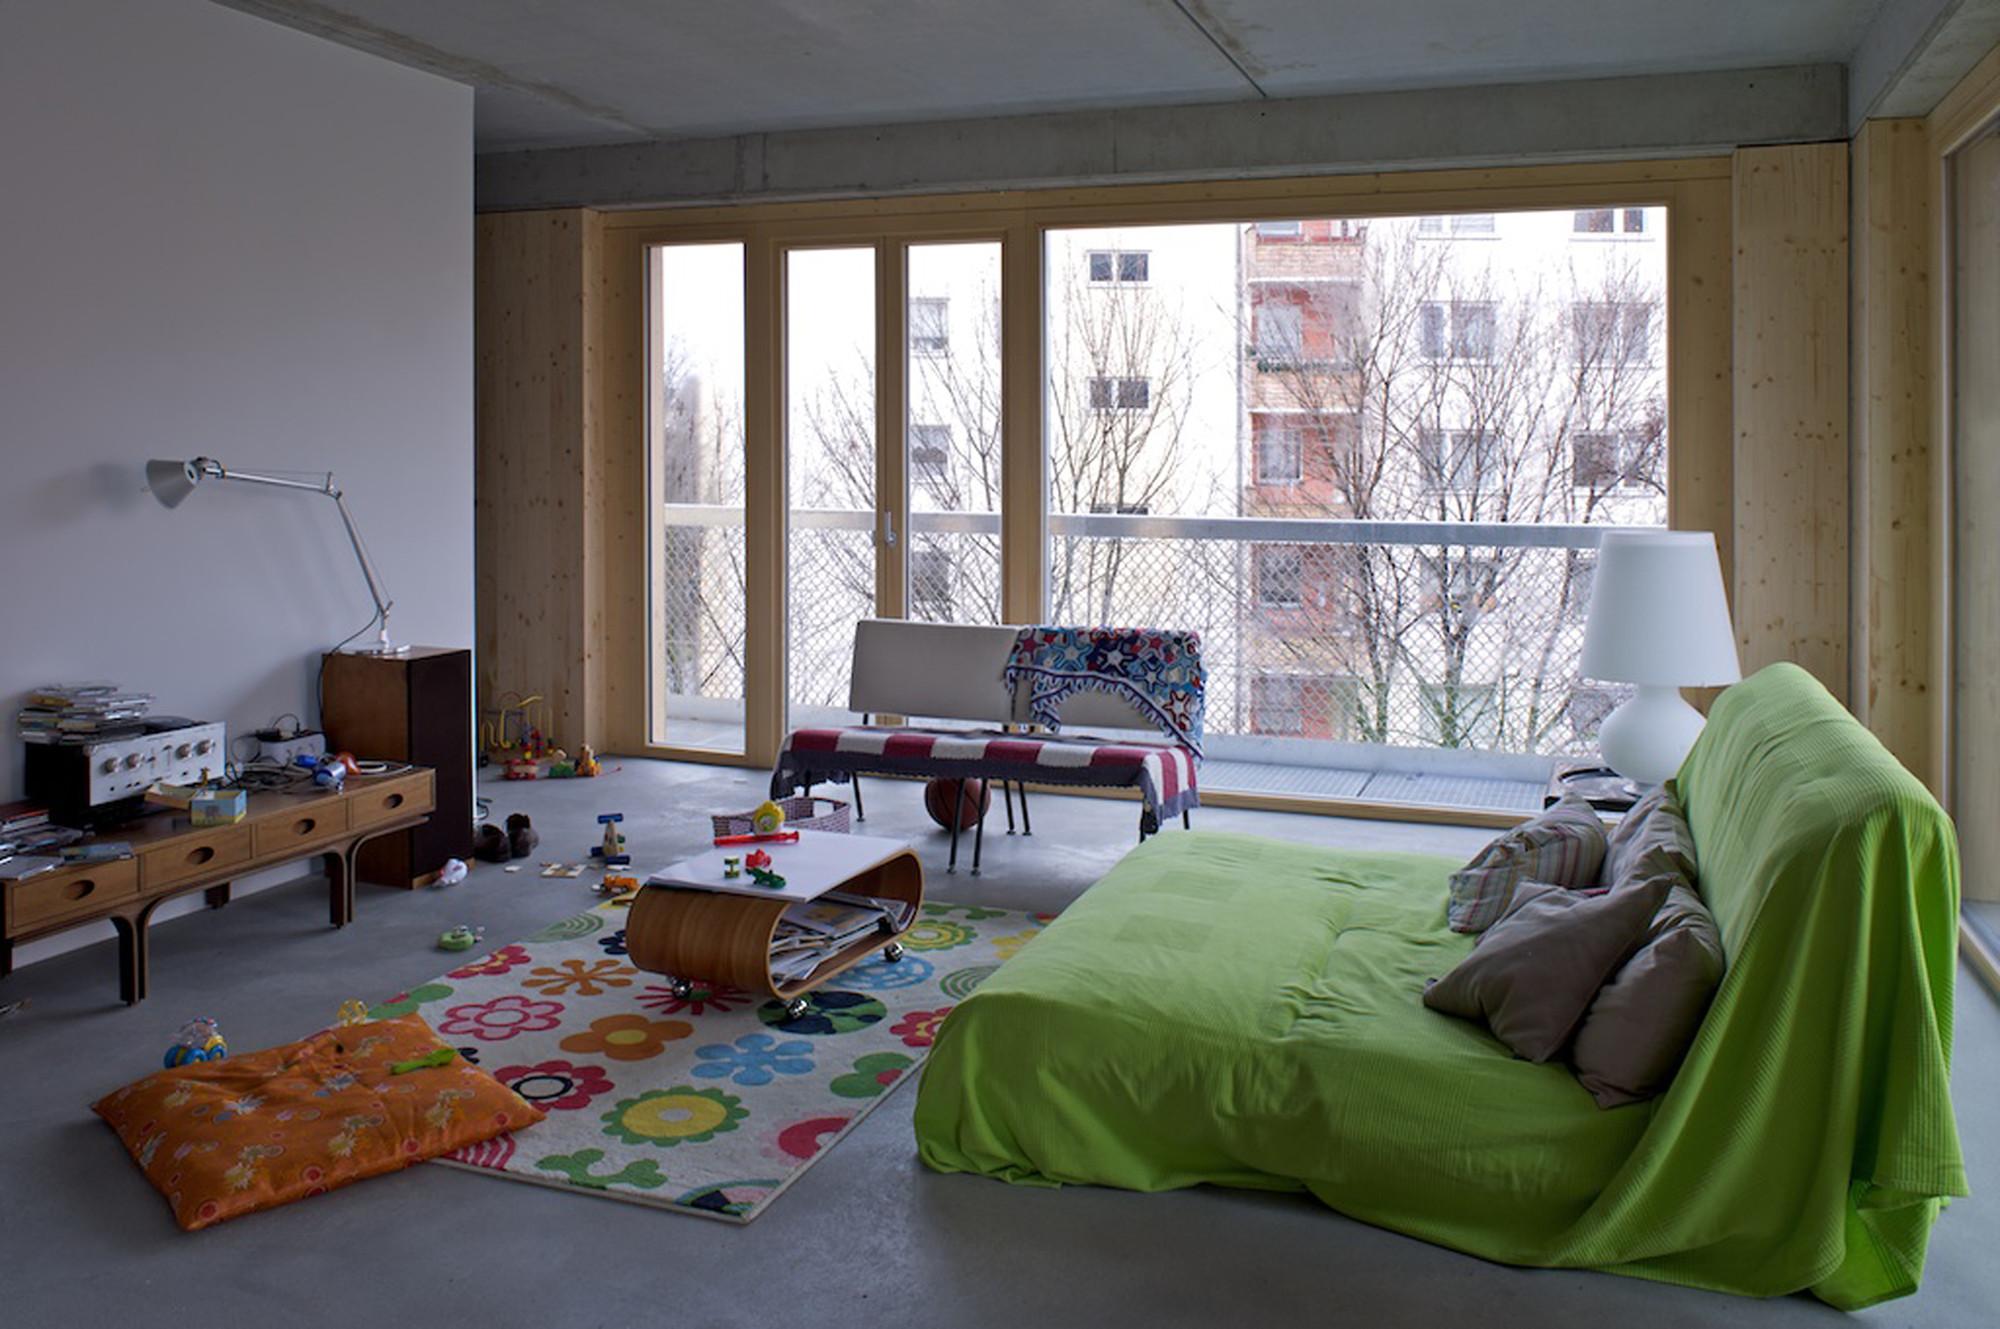 Heide Beckerath r50 cohousing ifau und jesko fezer heide beckerath